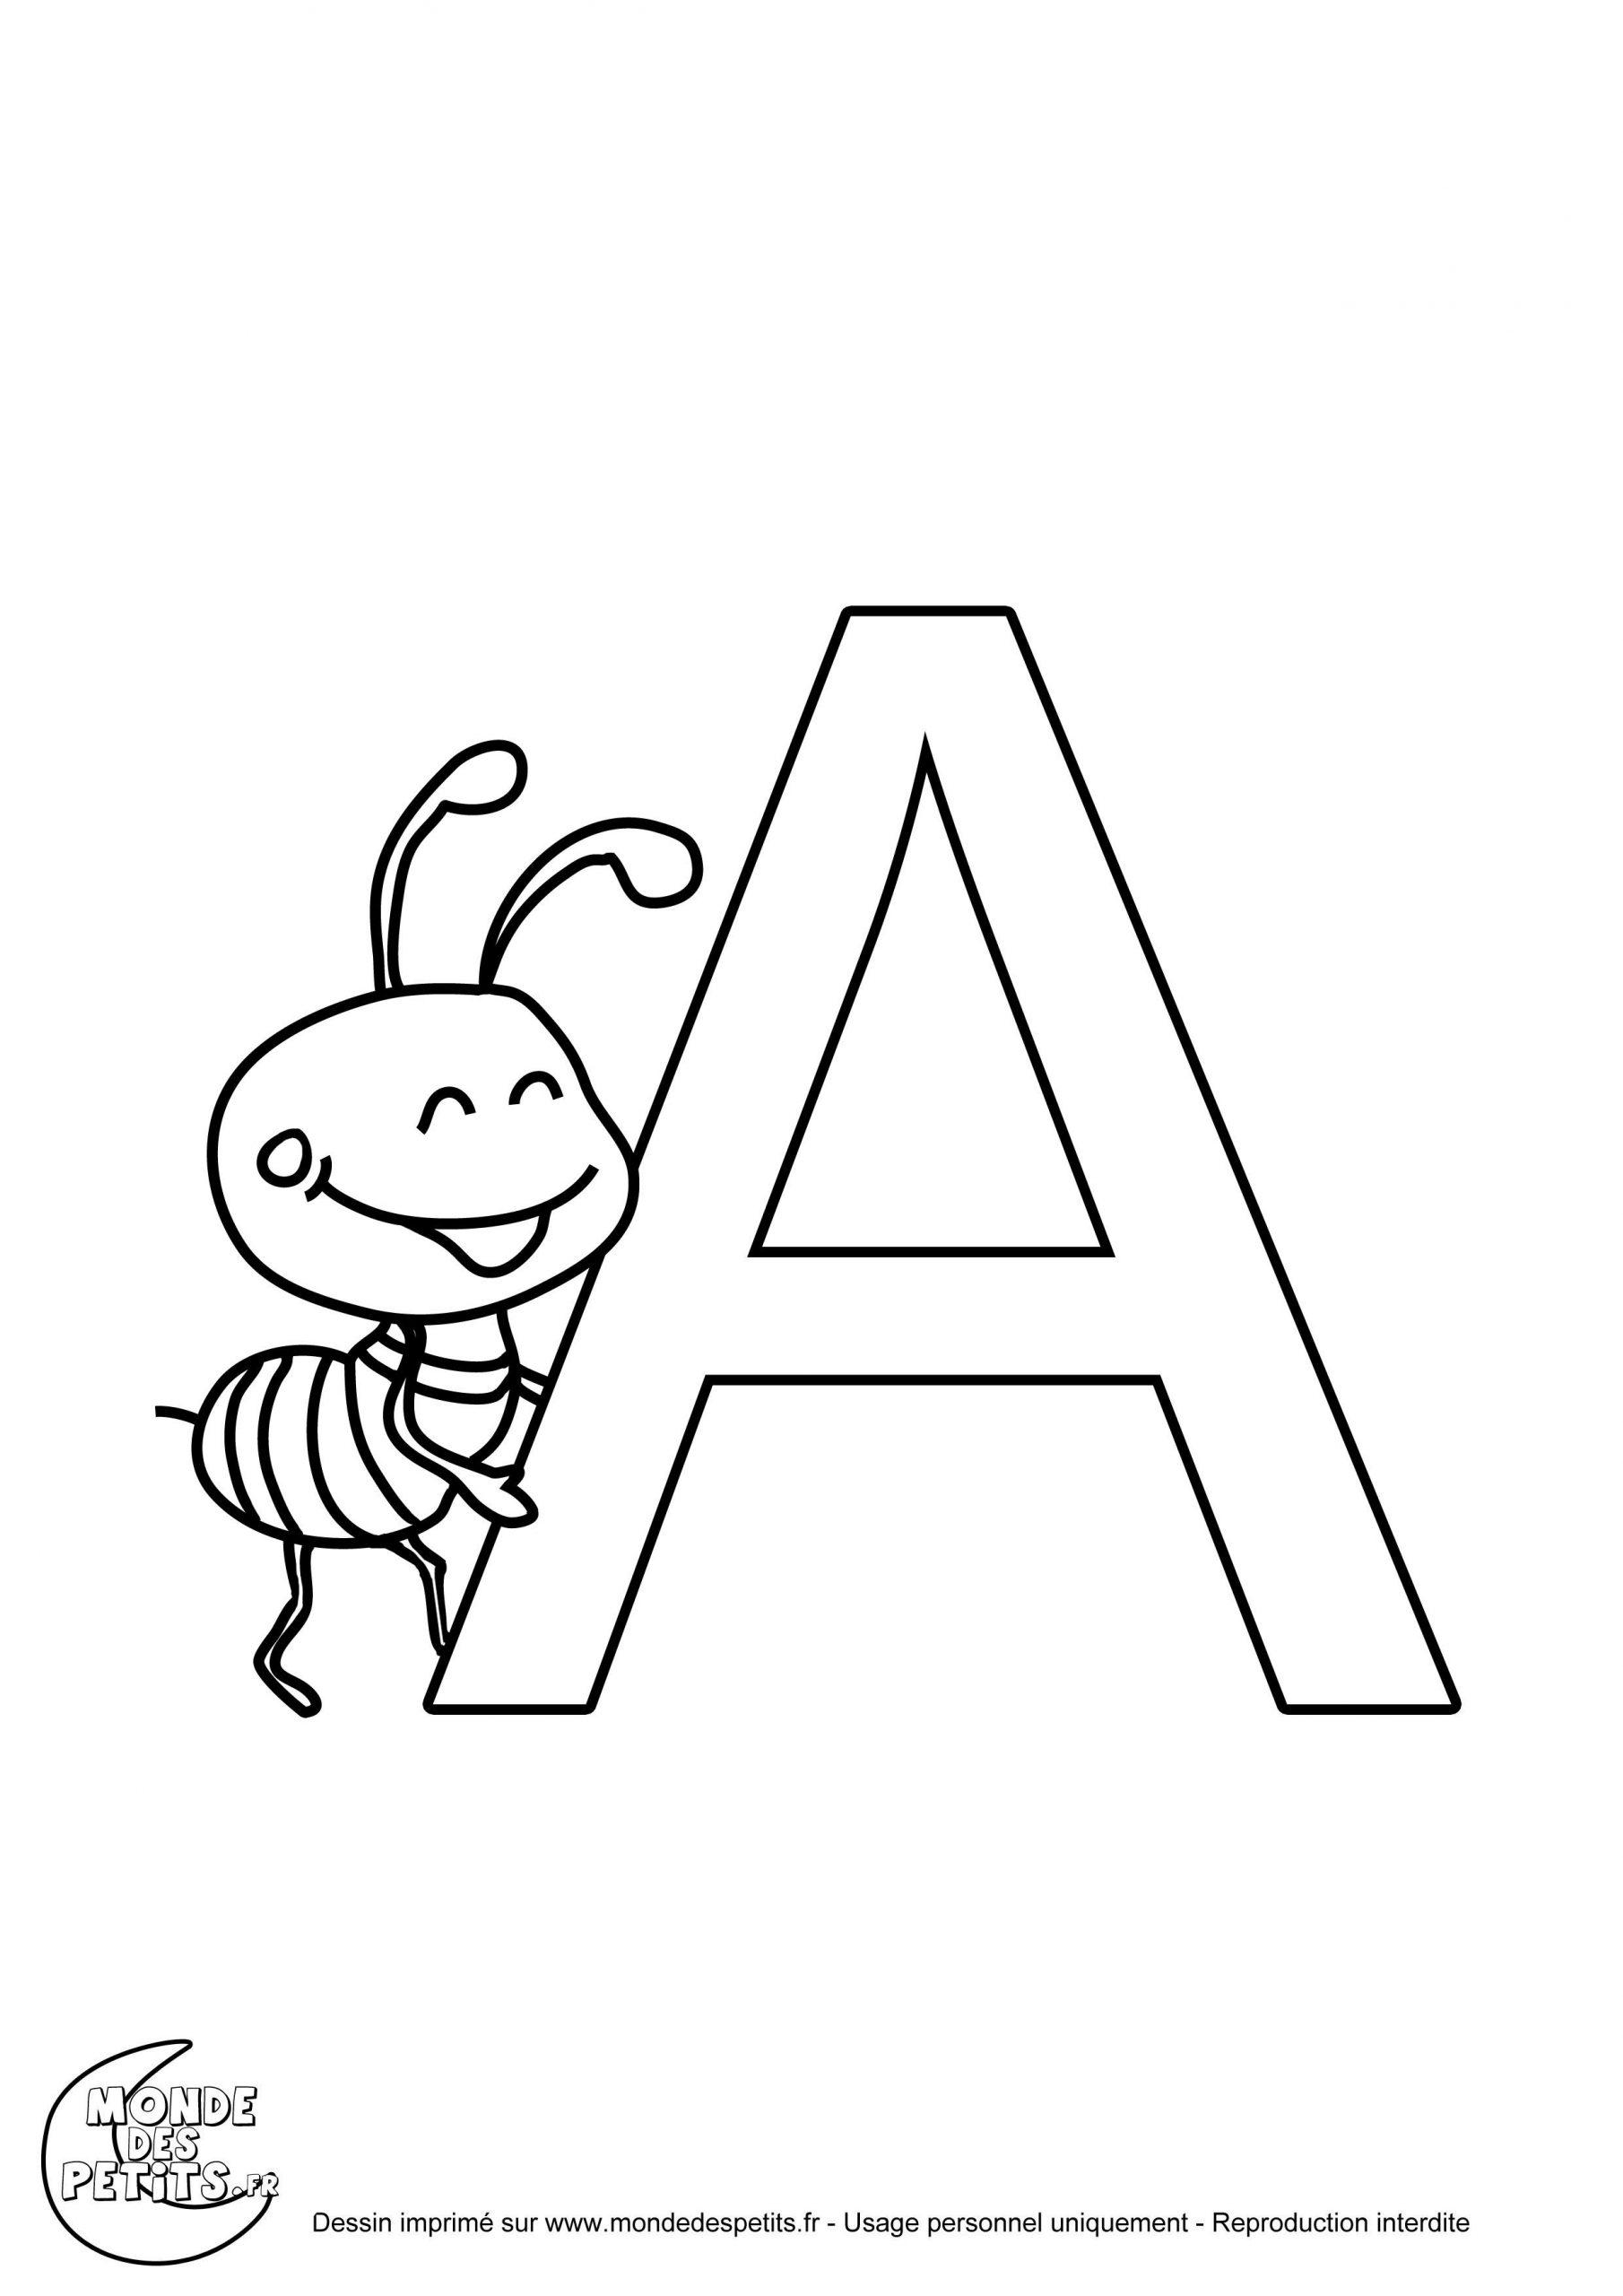 Http://.mondedespetits.fr/images/coloriage-Alphabet à Alphabet À Colorier Maternelle